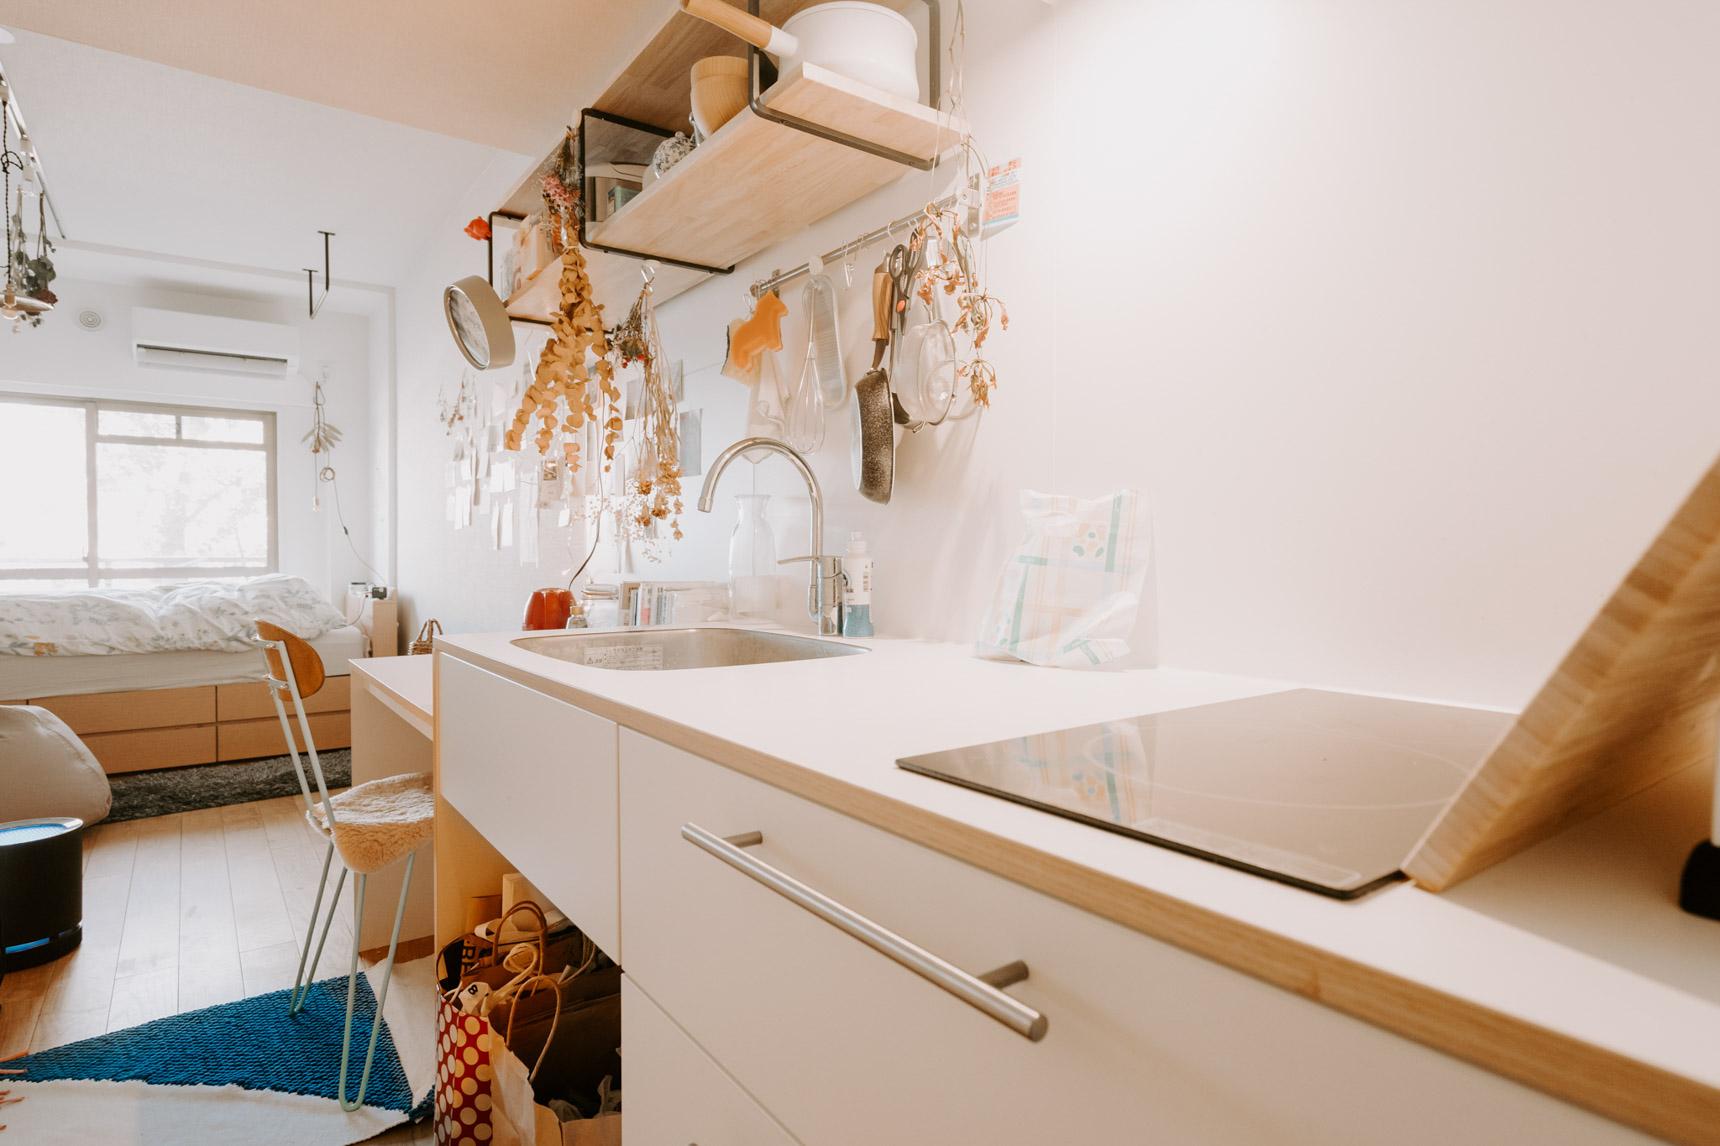 玄関を入ると、廊下に真っ白なキッチンとつくりつけのテーブルが並ぶ、特徴的な間取り。ここでご飯を食べたり、便利で気に入っているそう。